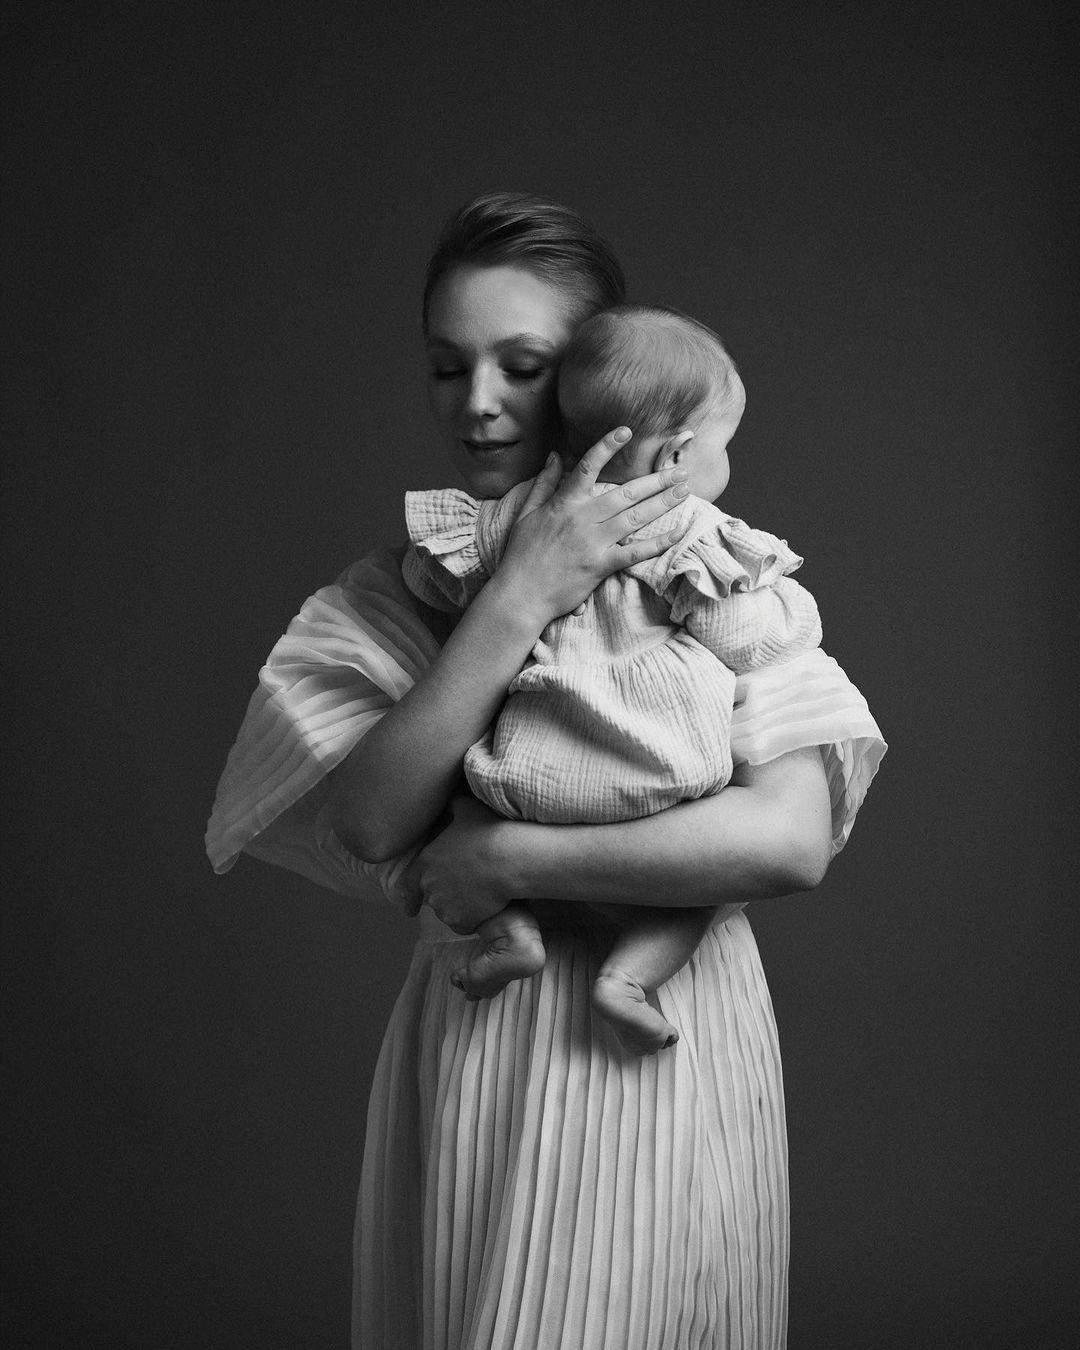 Світлана Тарабарова вперше показала обличчя доньки